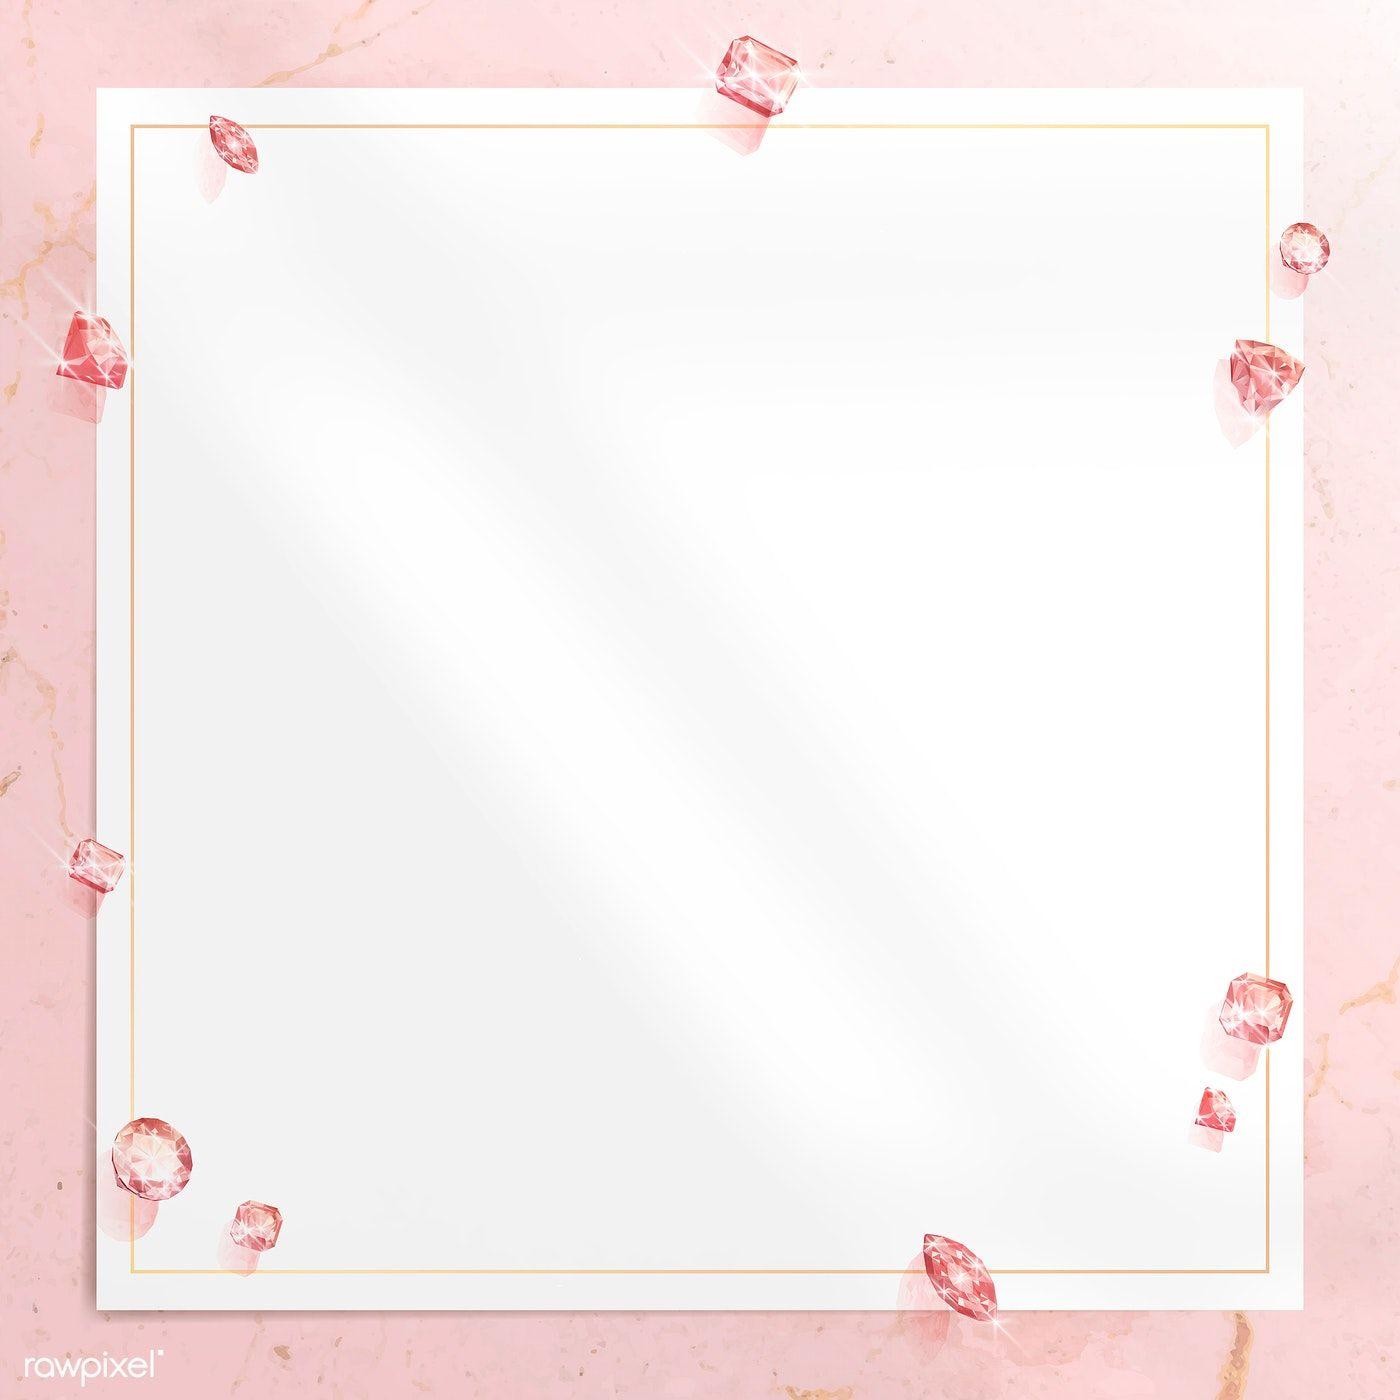 Download Premium Vector Of Pink Crystal Gem Design Vector 1228091 Crystal Gems Pink Background Floral Logo Design